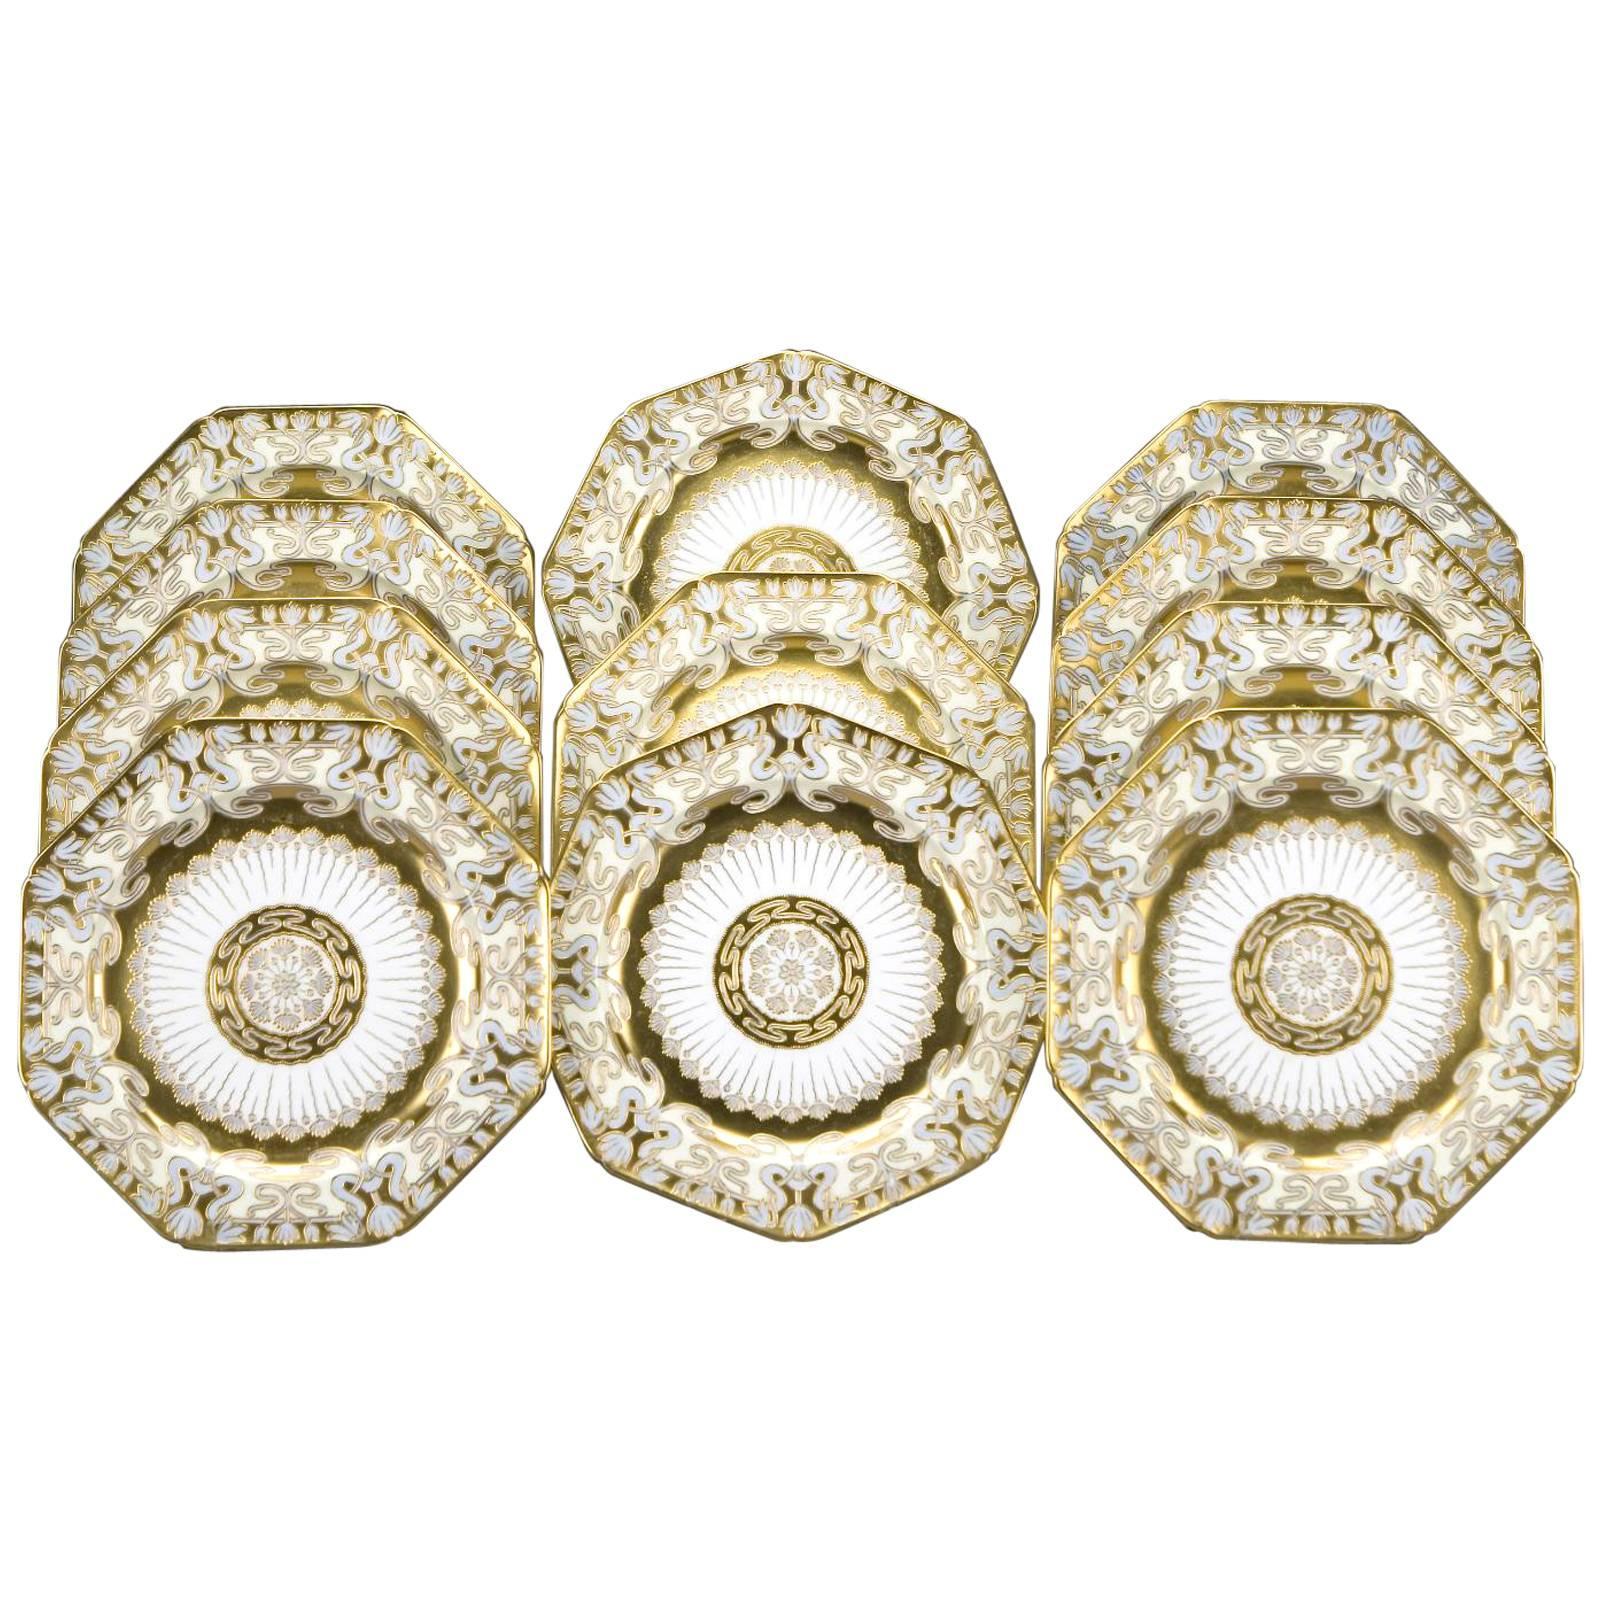 12 Cauldon Gilt Octagonal Service Plates, Art Nouveau Raised Gold Blue Ground